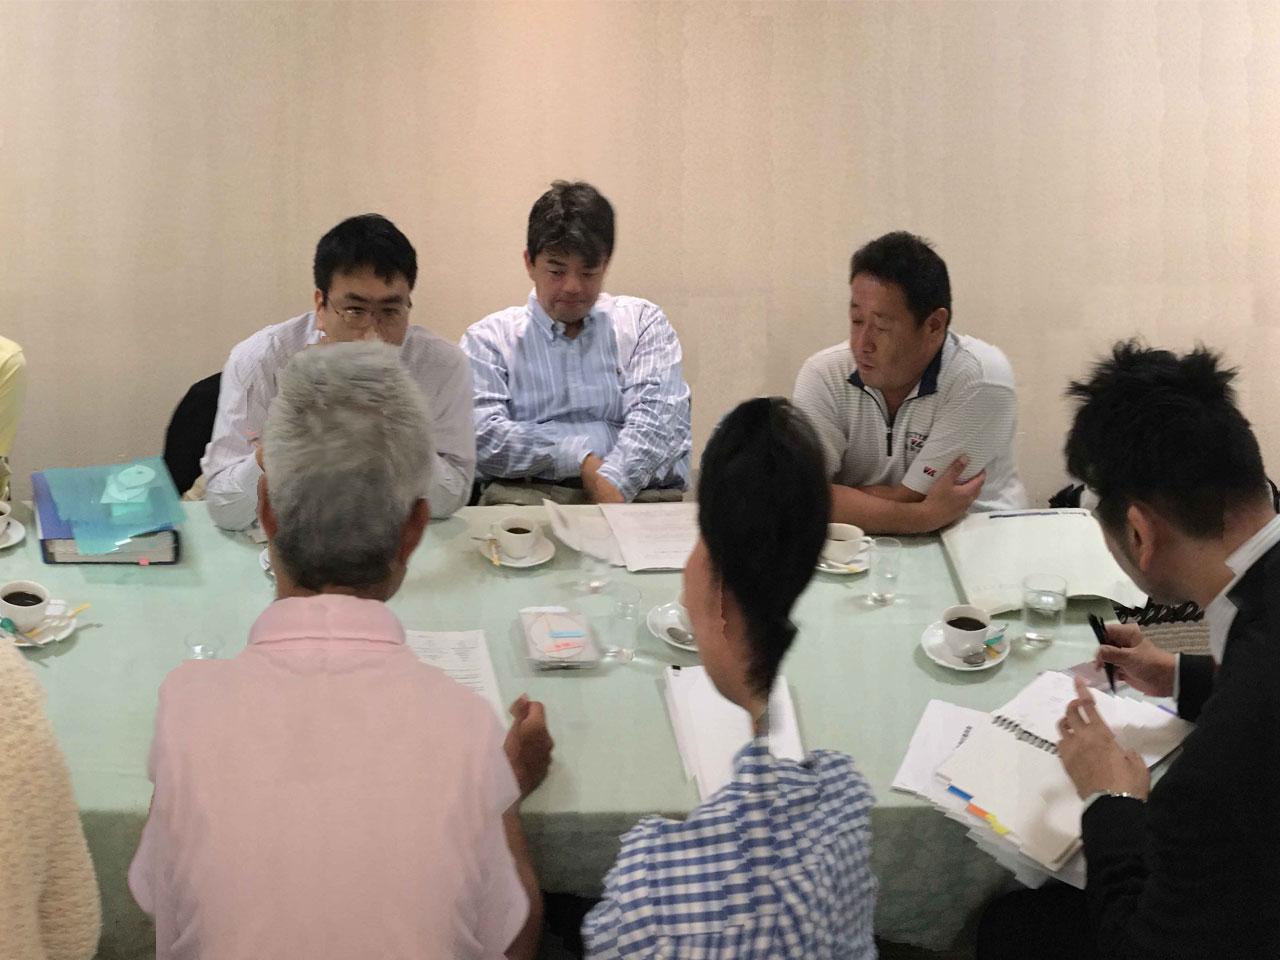 企画チーム、当日のイベント「秘密のキタコーSHOW」、彩風塾等を主に担当したメンバー